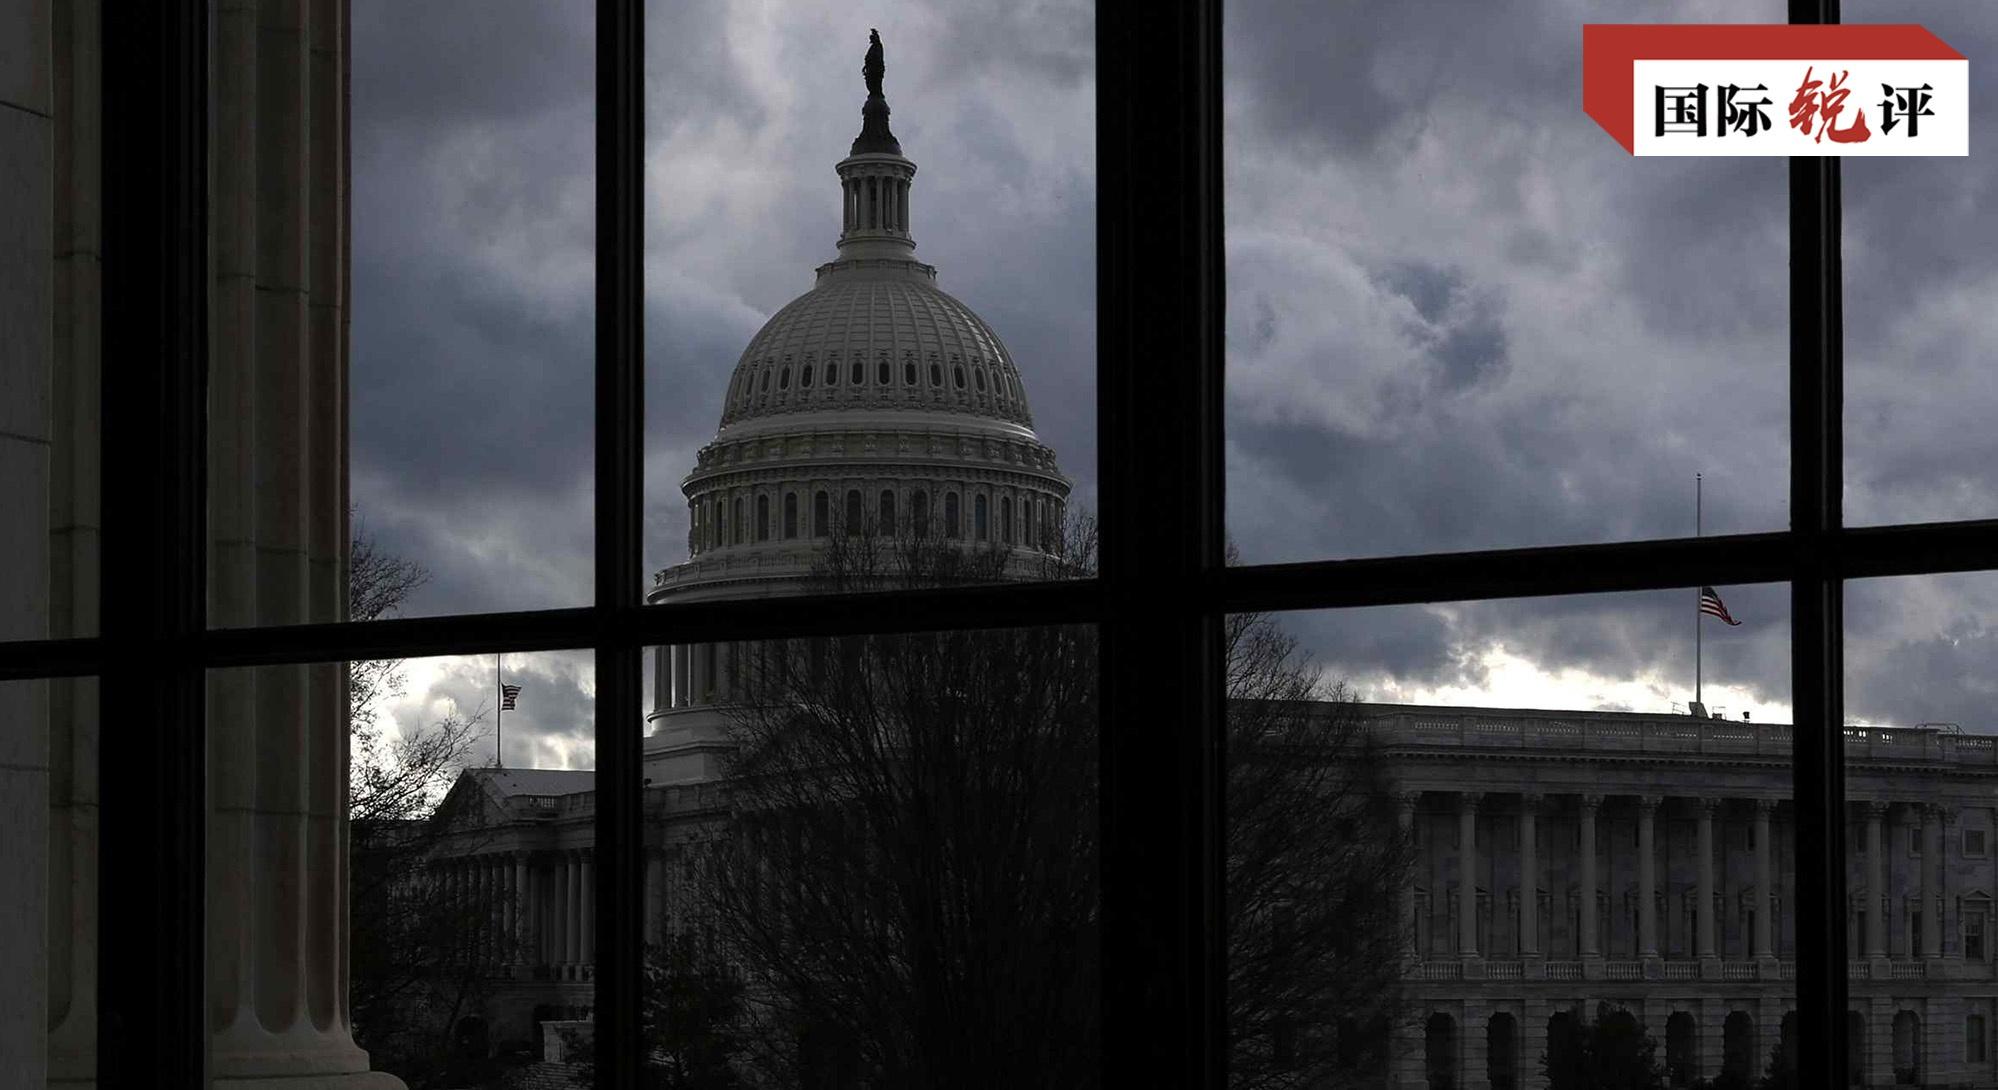 央视:某些美国议员挑衅一个中国原则是在玩火